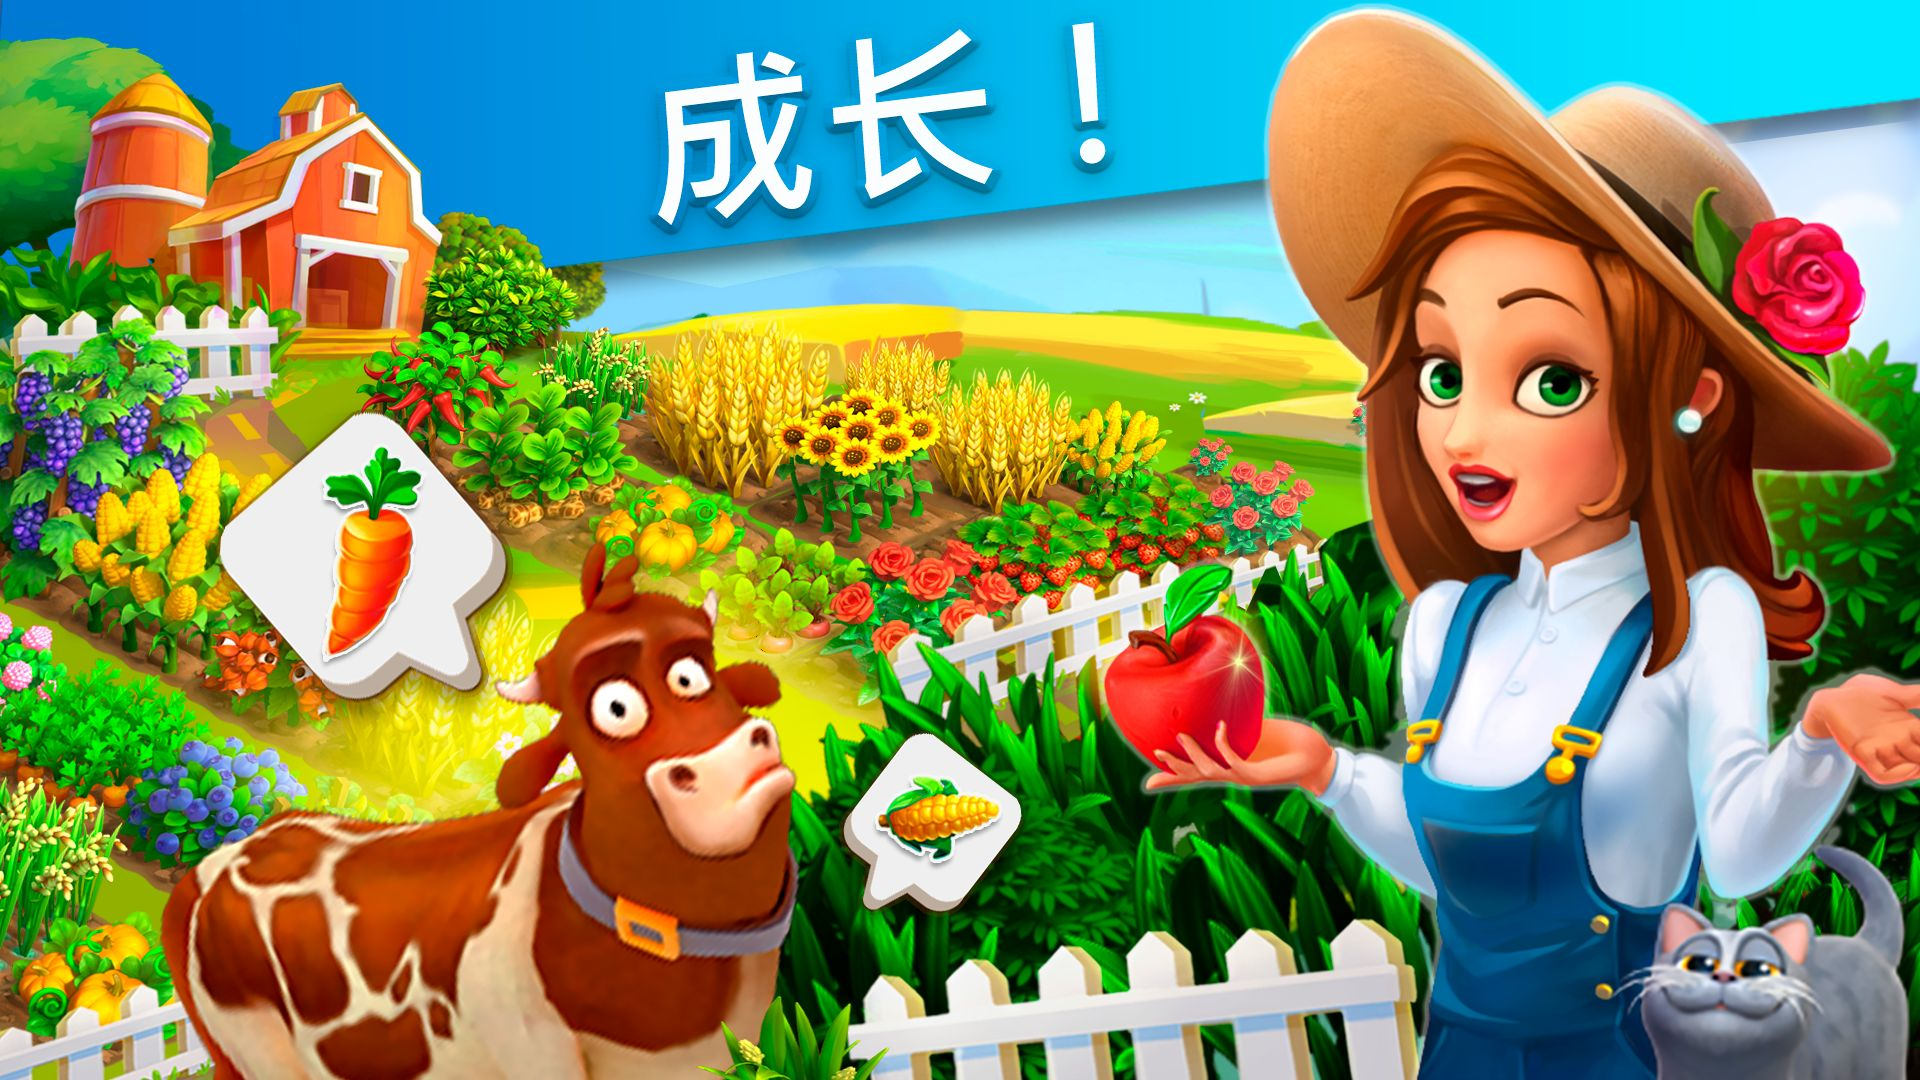 欢乐海湾:农场与奇遇 (Funky Bay) 游戏截图1